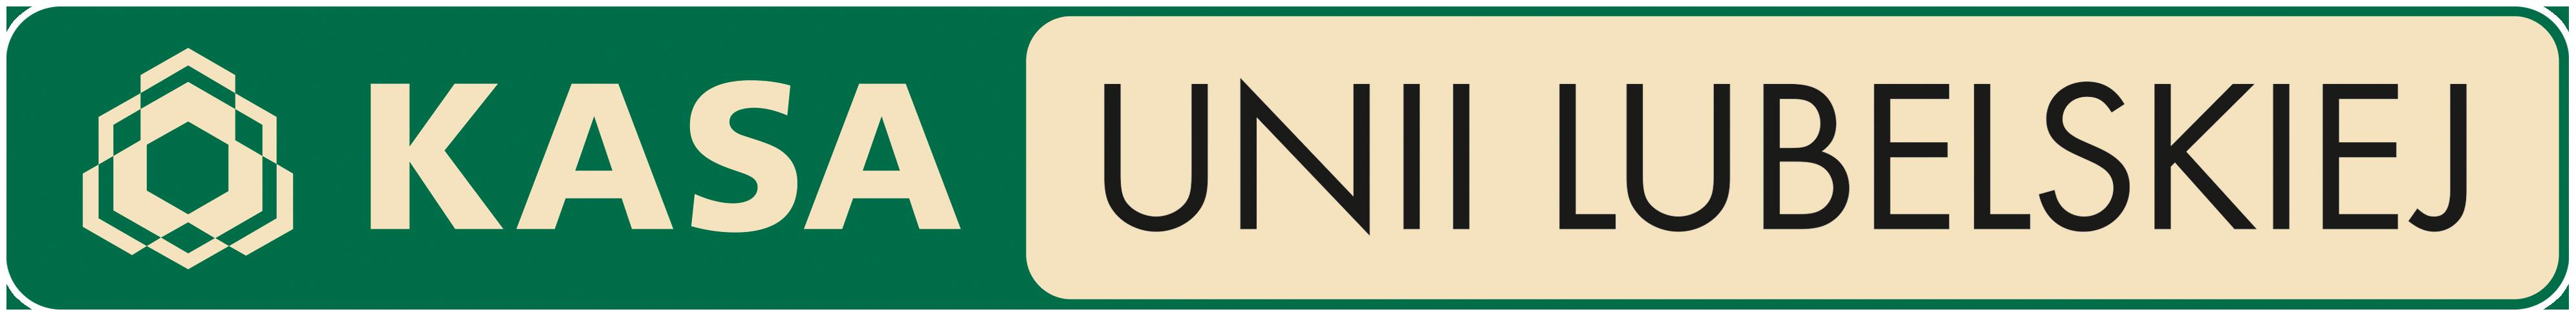 kasa unii lubelskiej